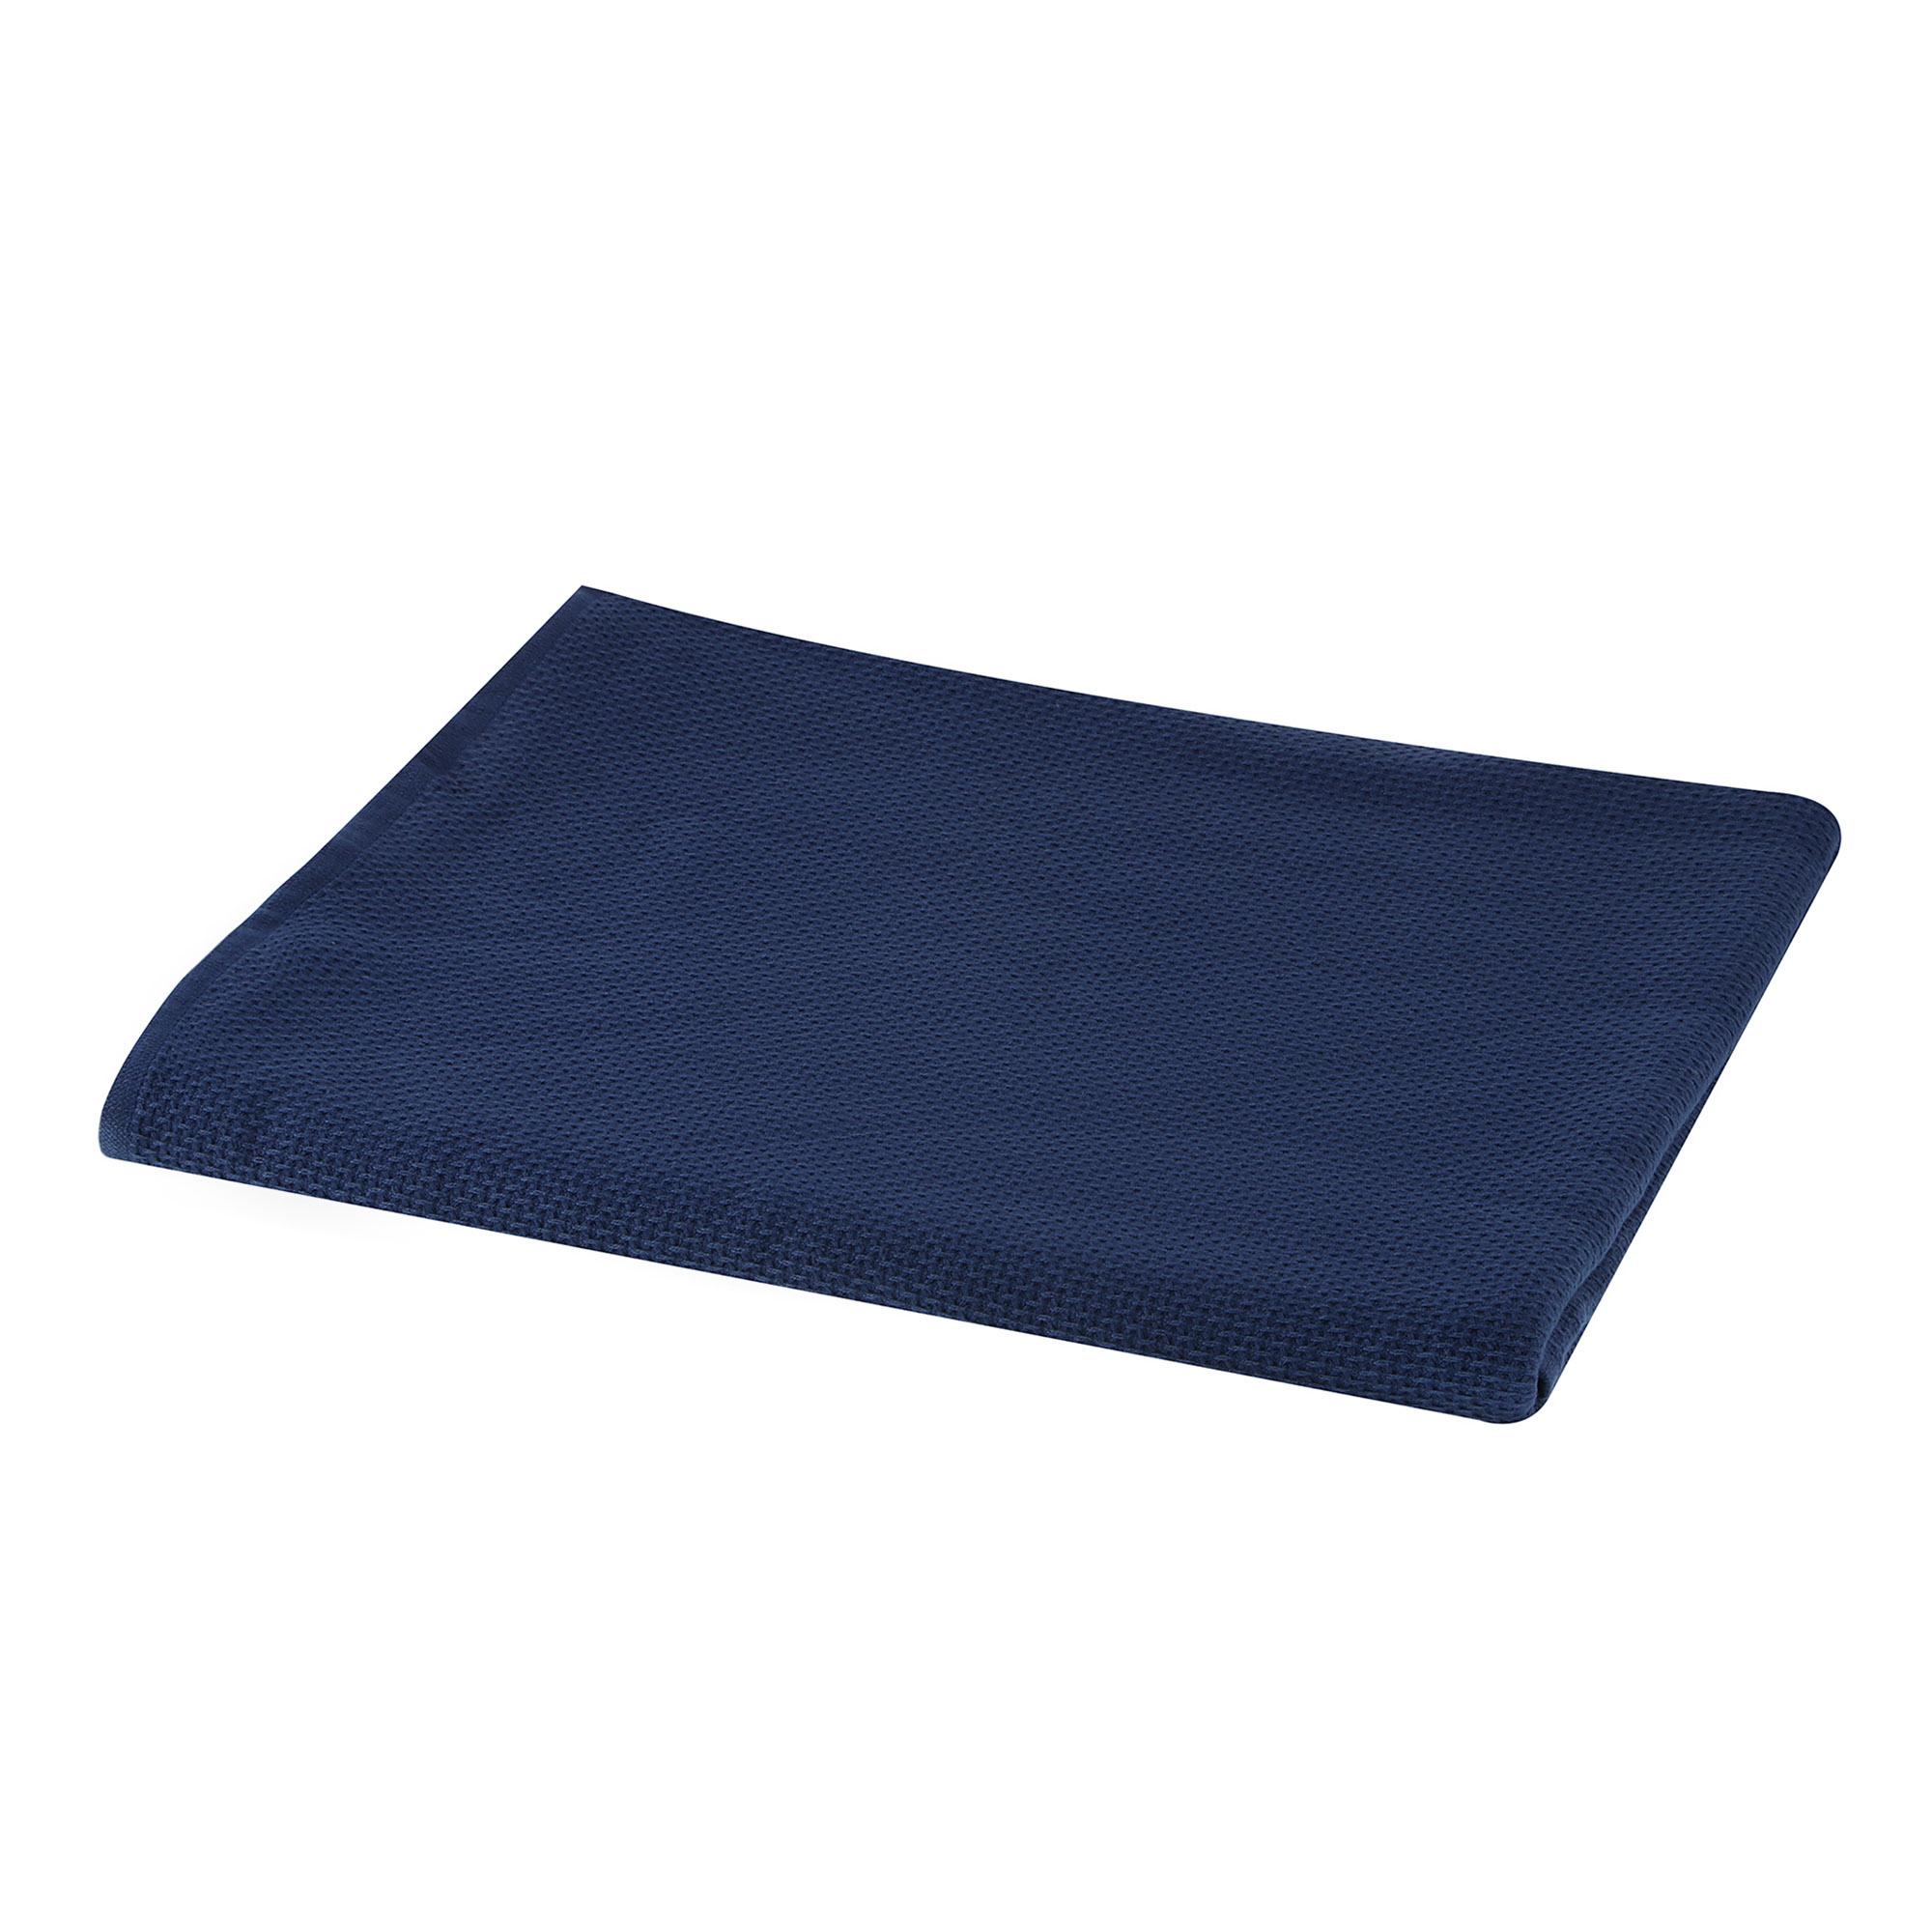 Полотенце двухстороннее 70x140 Asil d.blue полотенце махровое asil woody 70x140 l blue